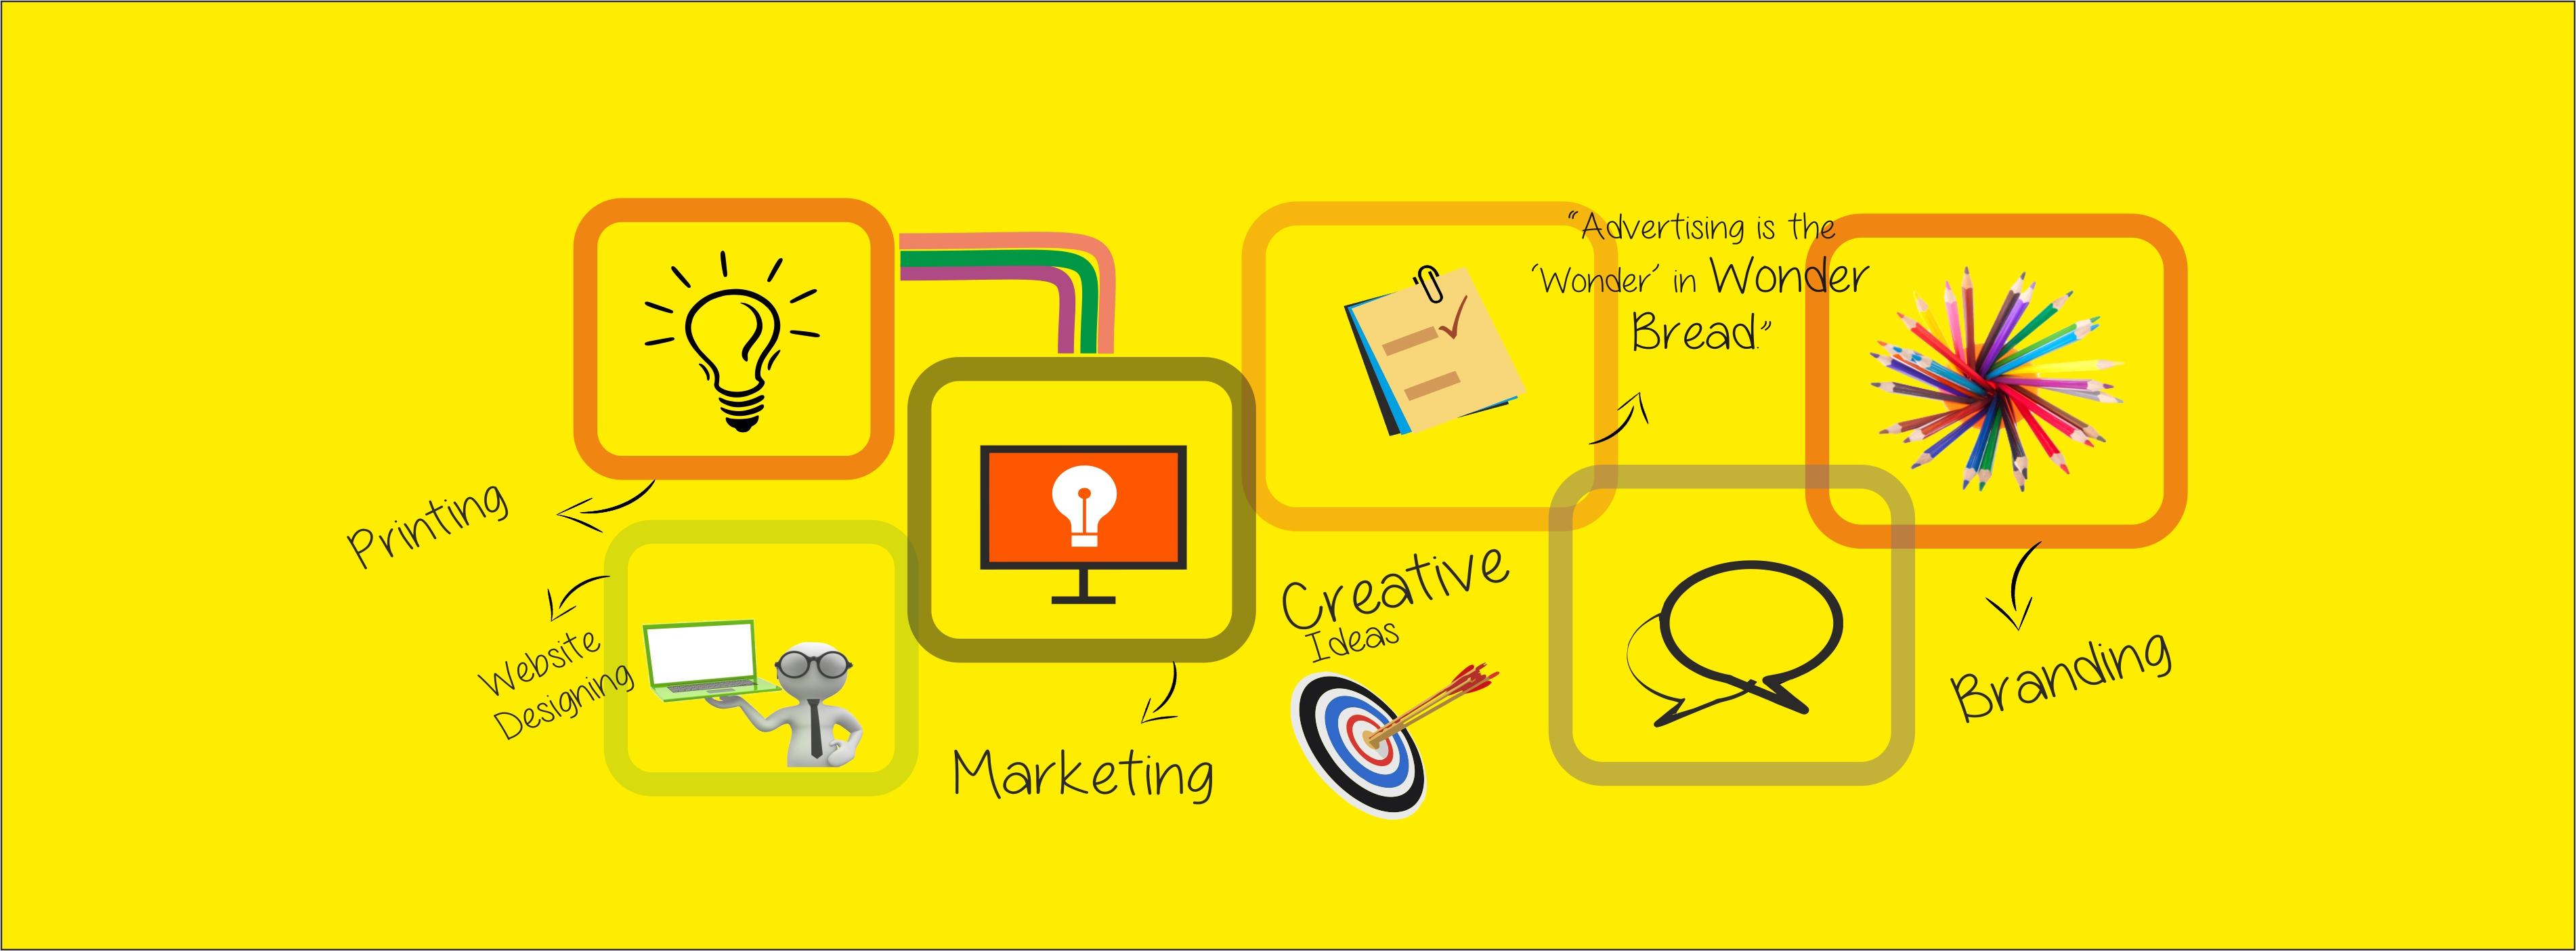 Best Graphic Design Resources